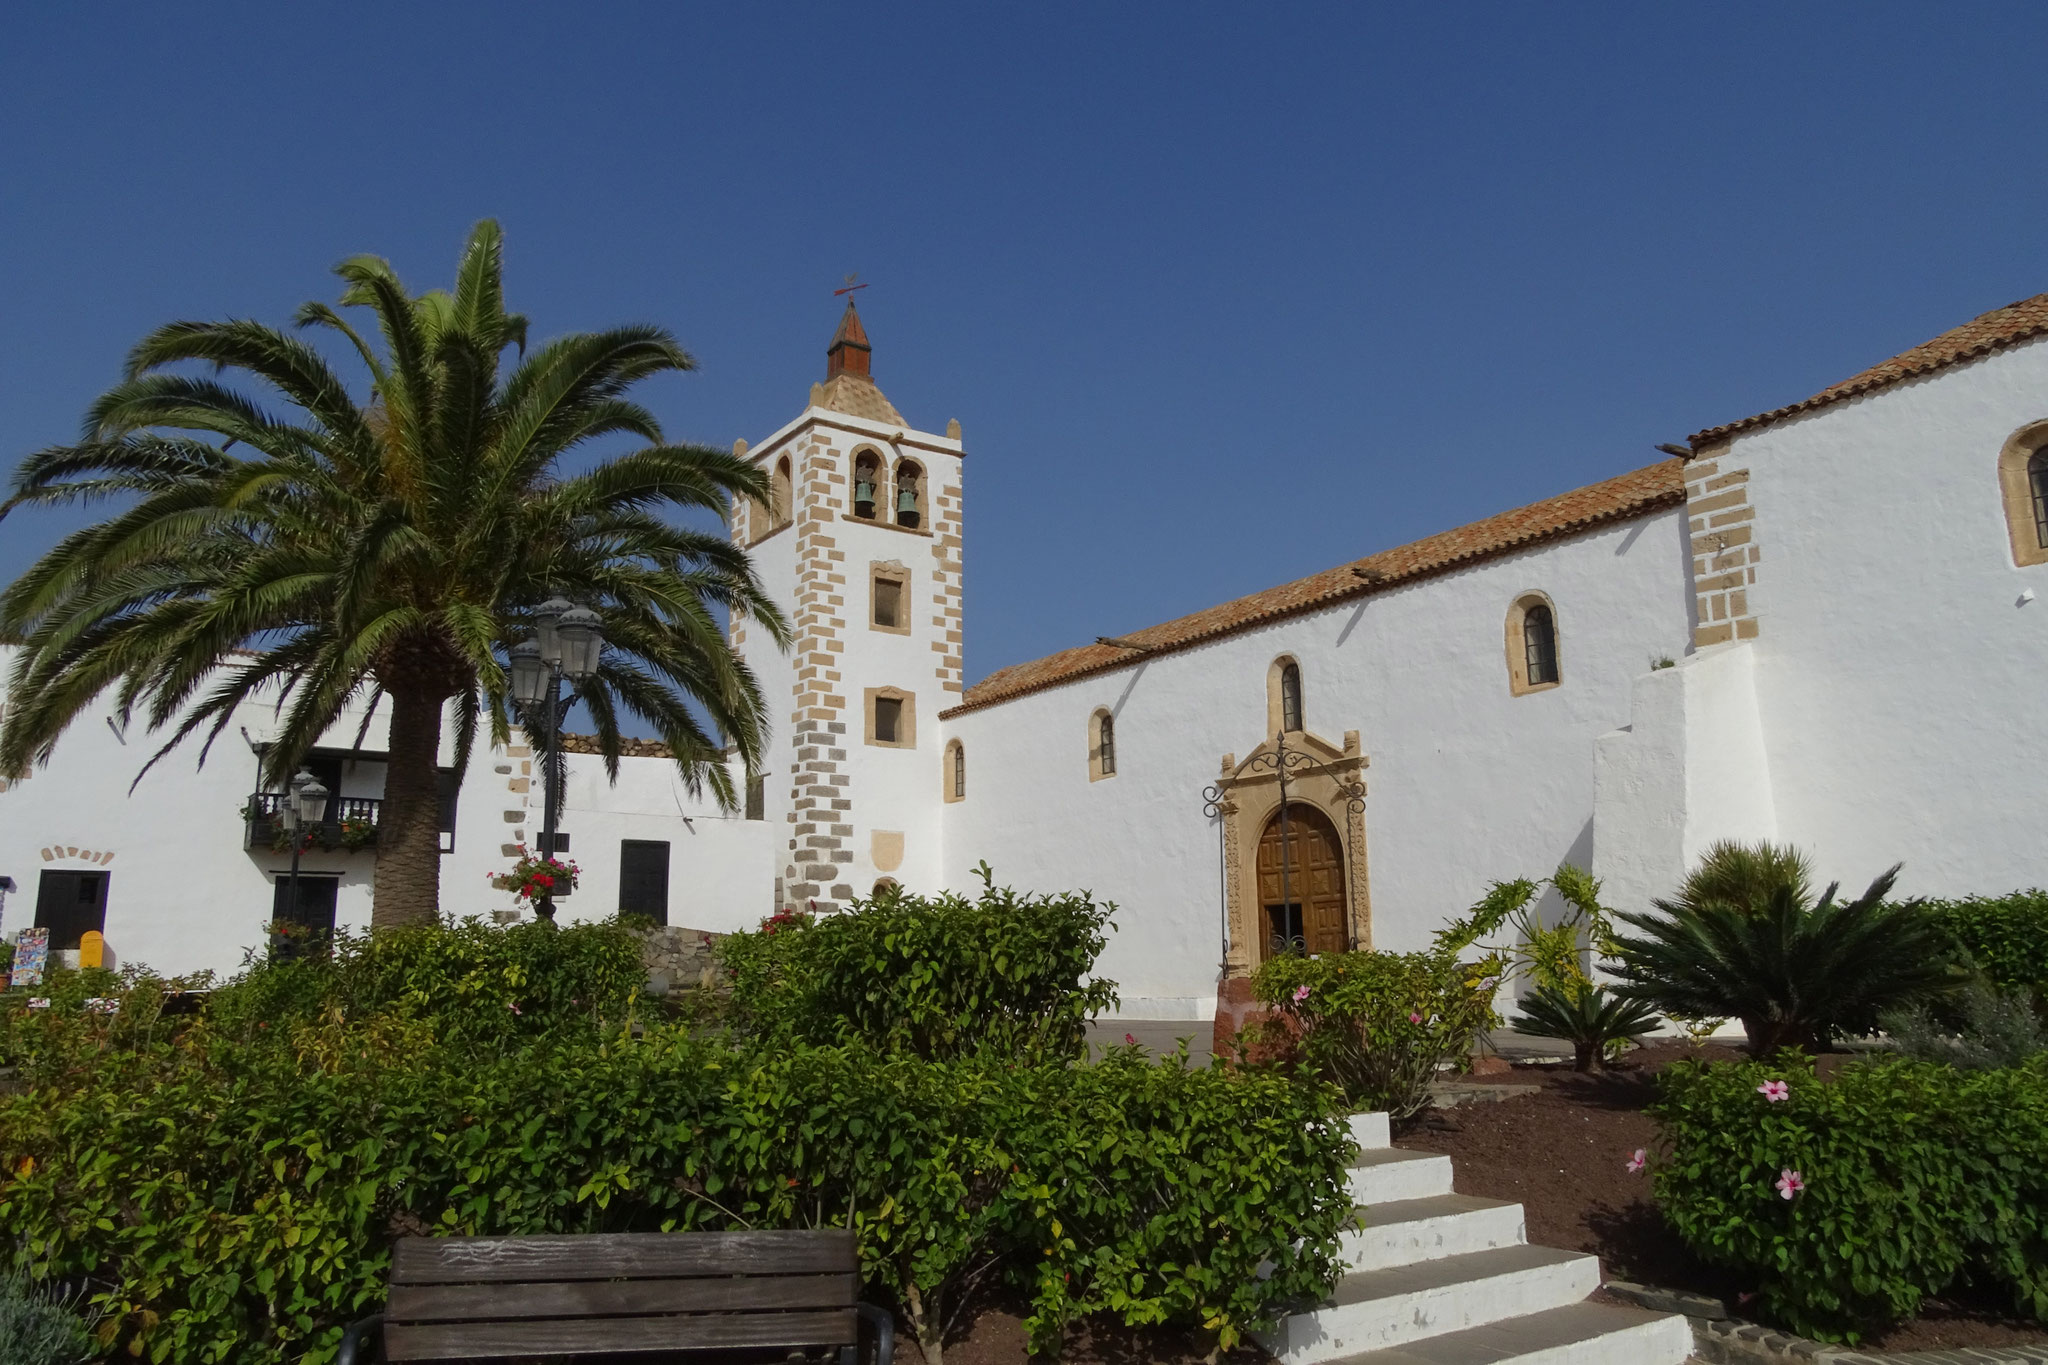 ... und weiter zur alten Inselhauptstadt Betancuria, diese empfängt uns wie üblich mit vielen Tagestouristen ...